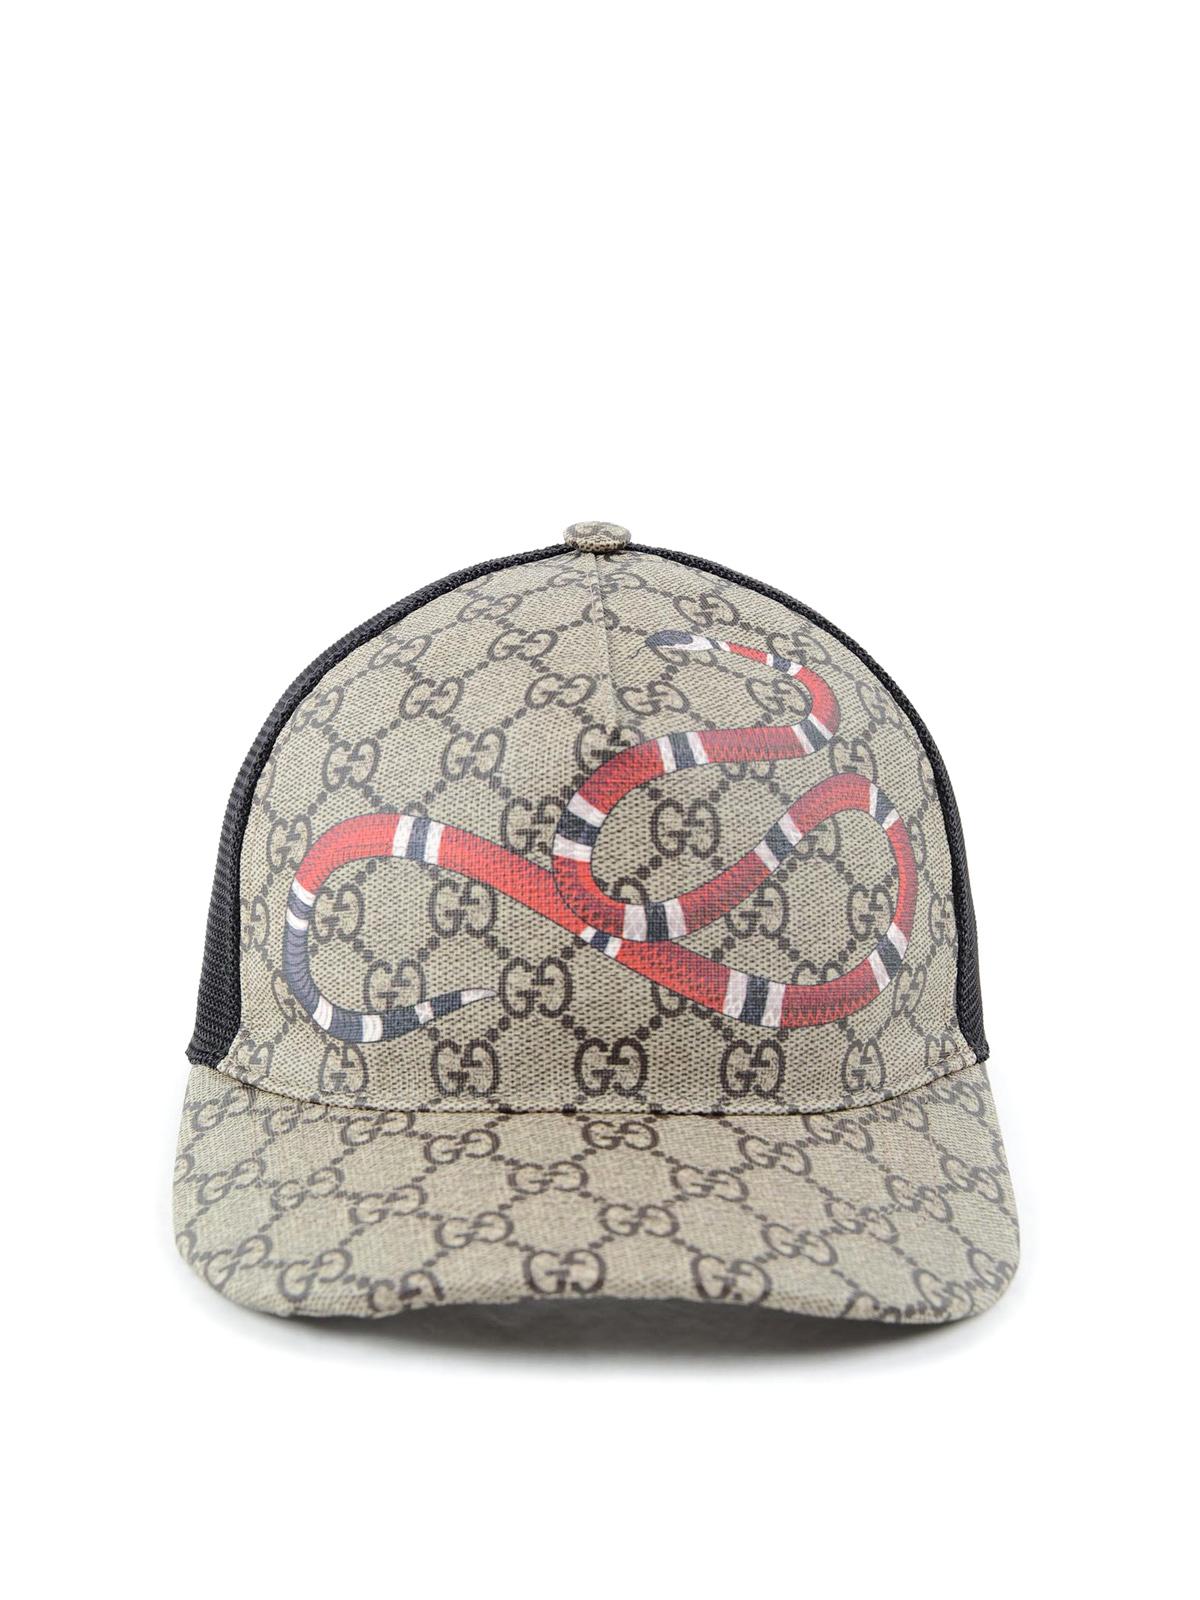 Gucci - Sombreros Y Gorros Negros - Sombreros - 4268874HB10 2160 faebc468376